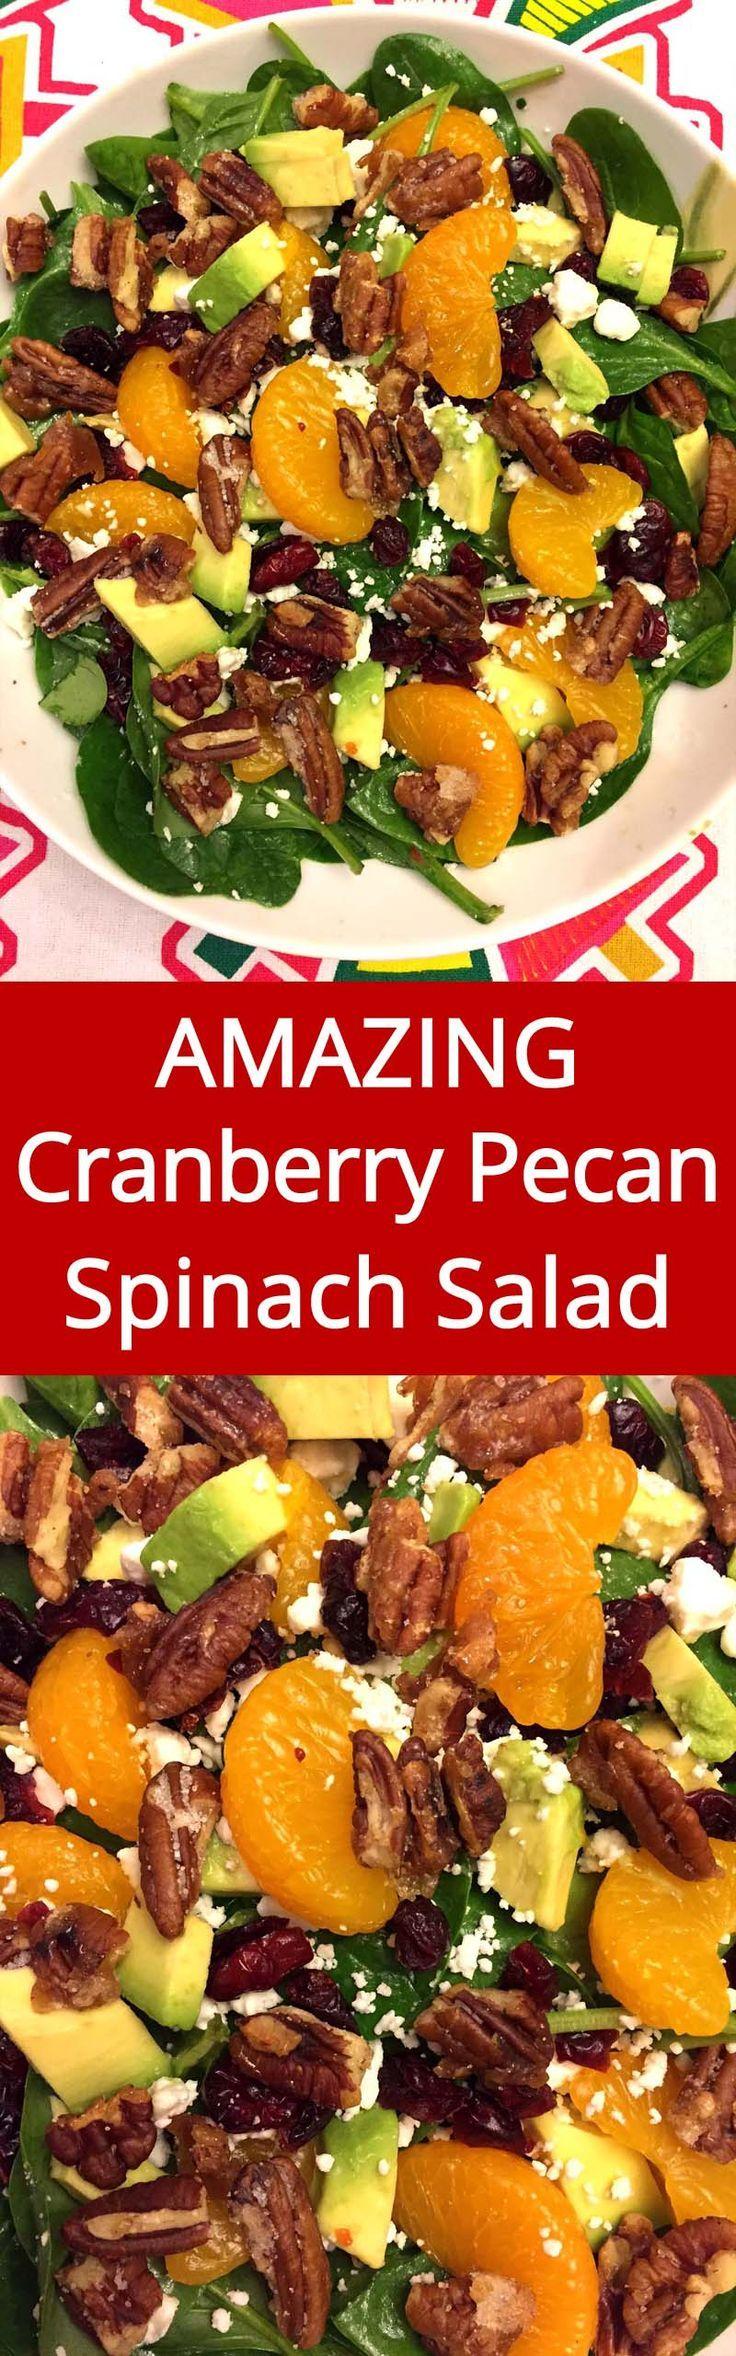 Strawberry Spinach Salad I Recipe - Allrecipes.com